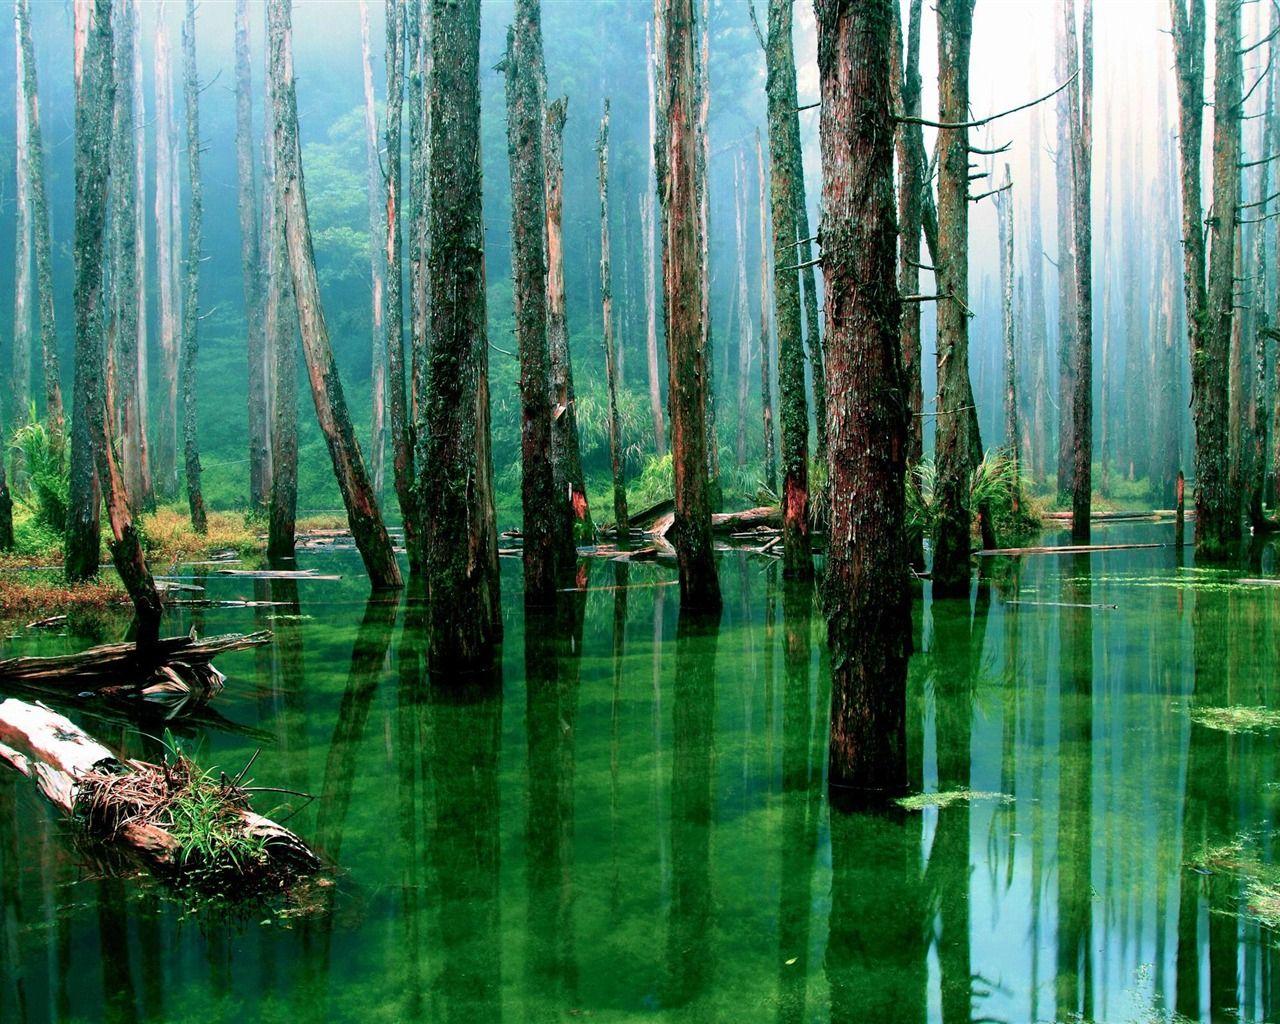 浸水林 森林の風景の壁紙 1280x1024 壁紙ダウンロード 風景の壁紙 風景 森林